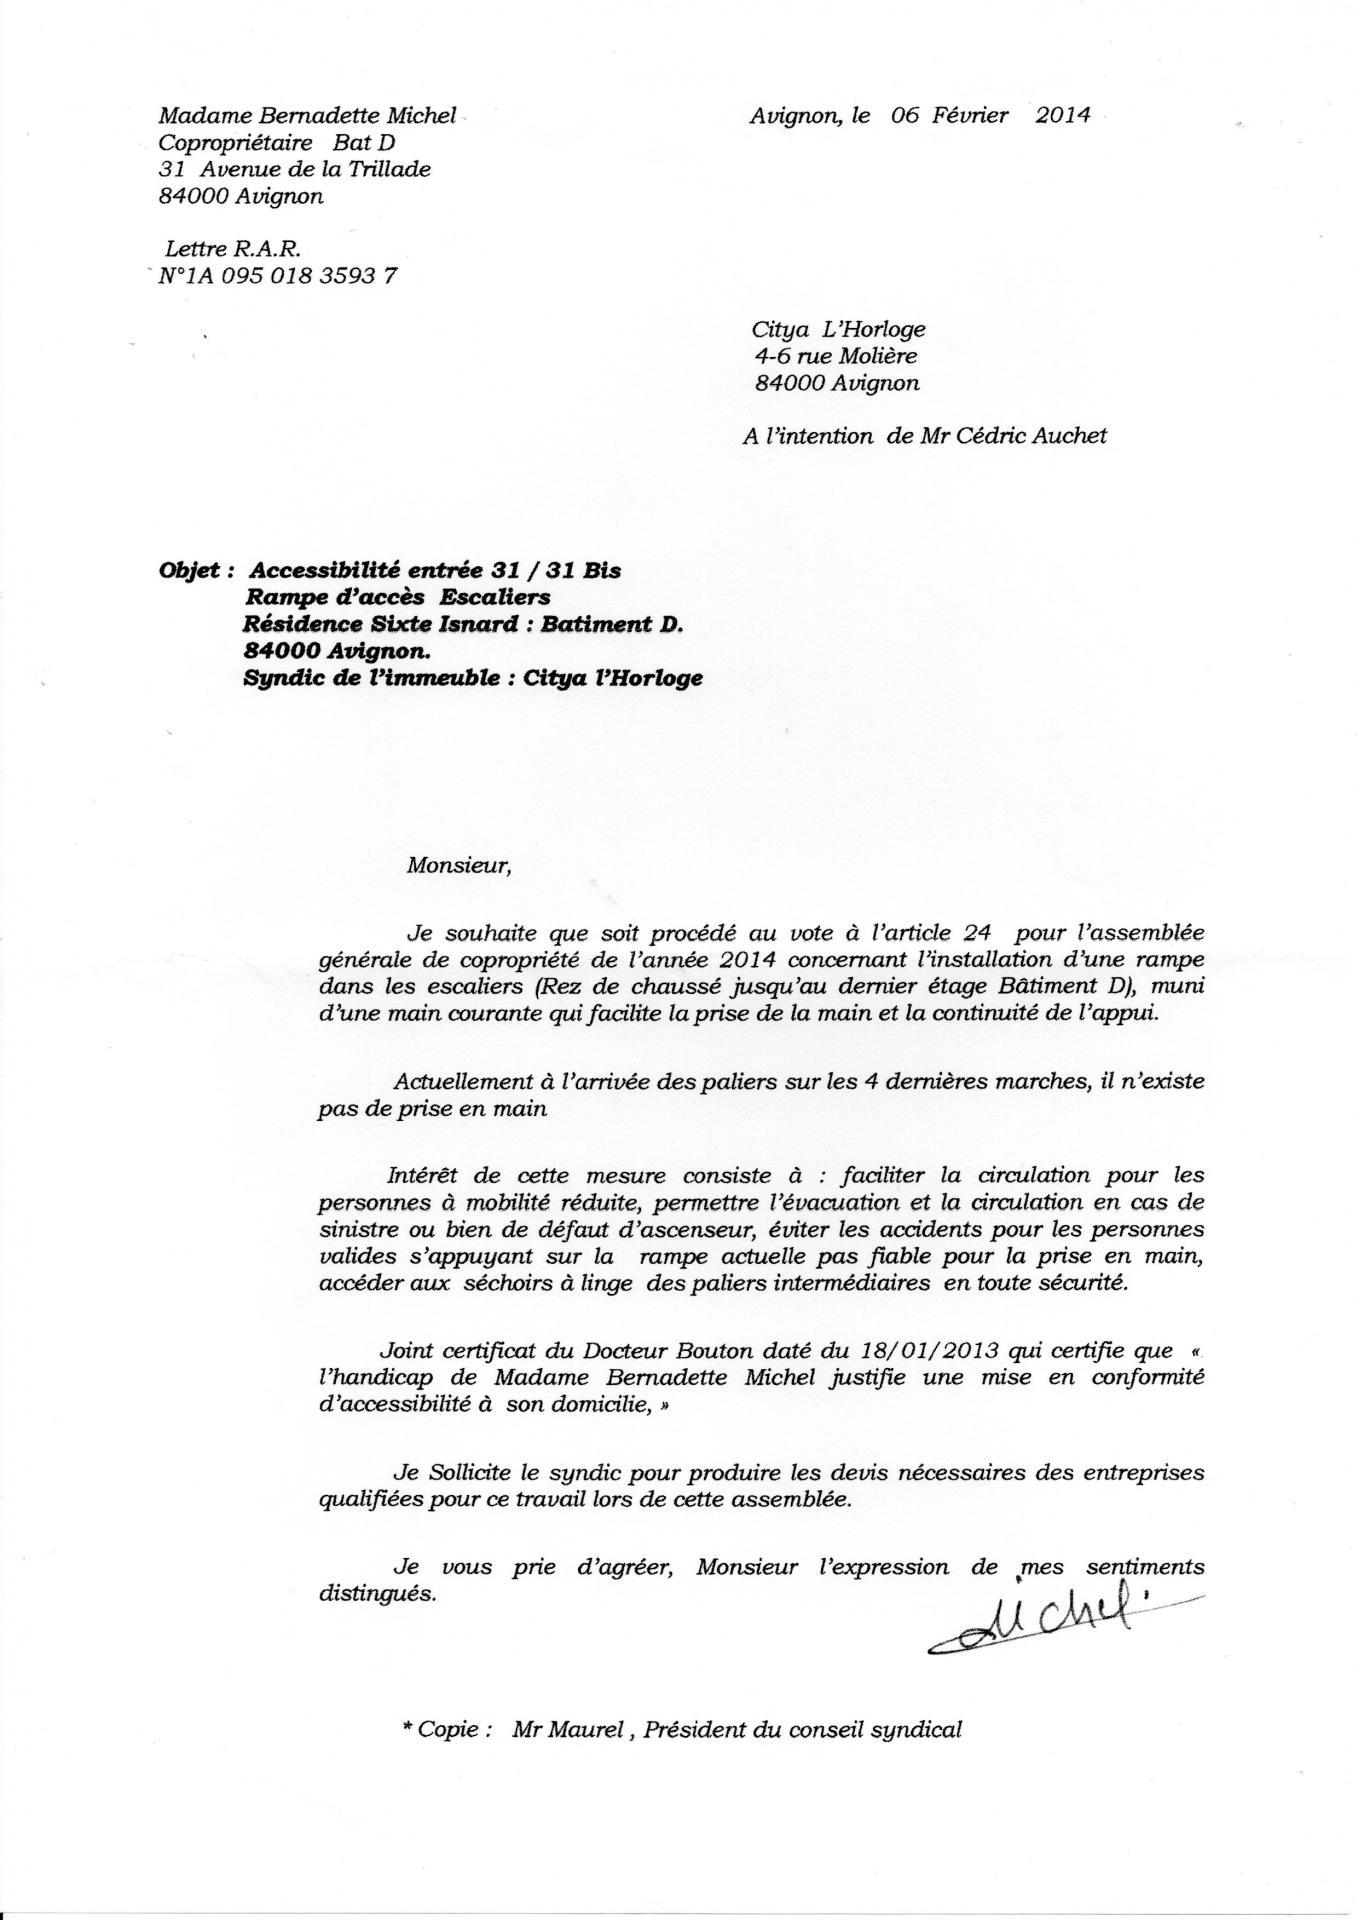 Demande accessibilité  rampe accès 06 02 2014